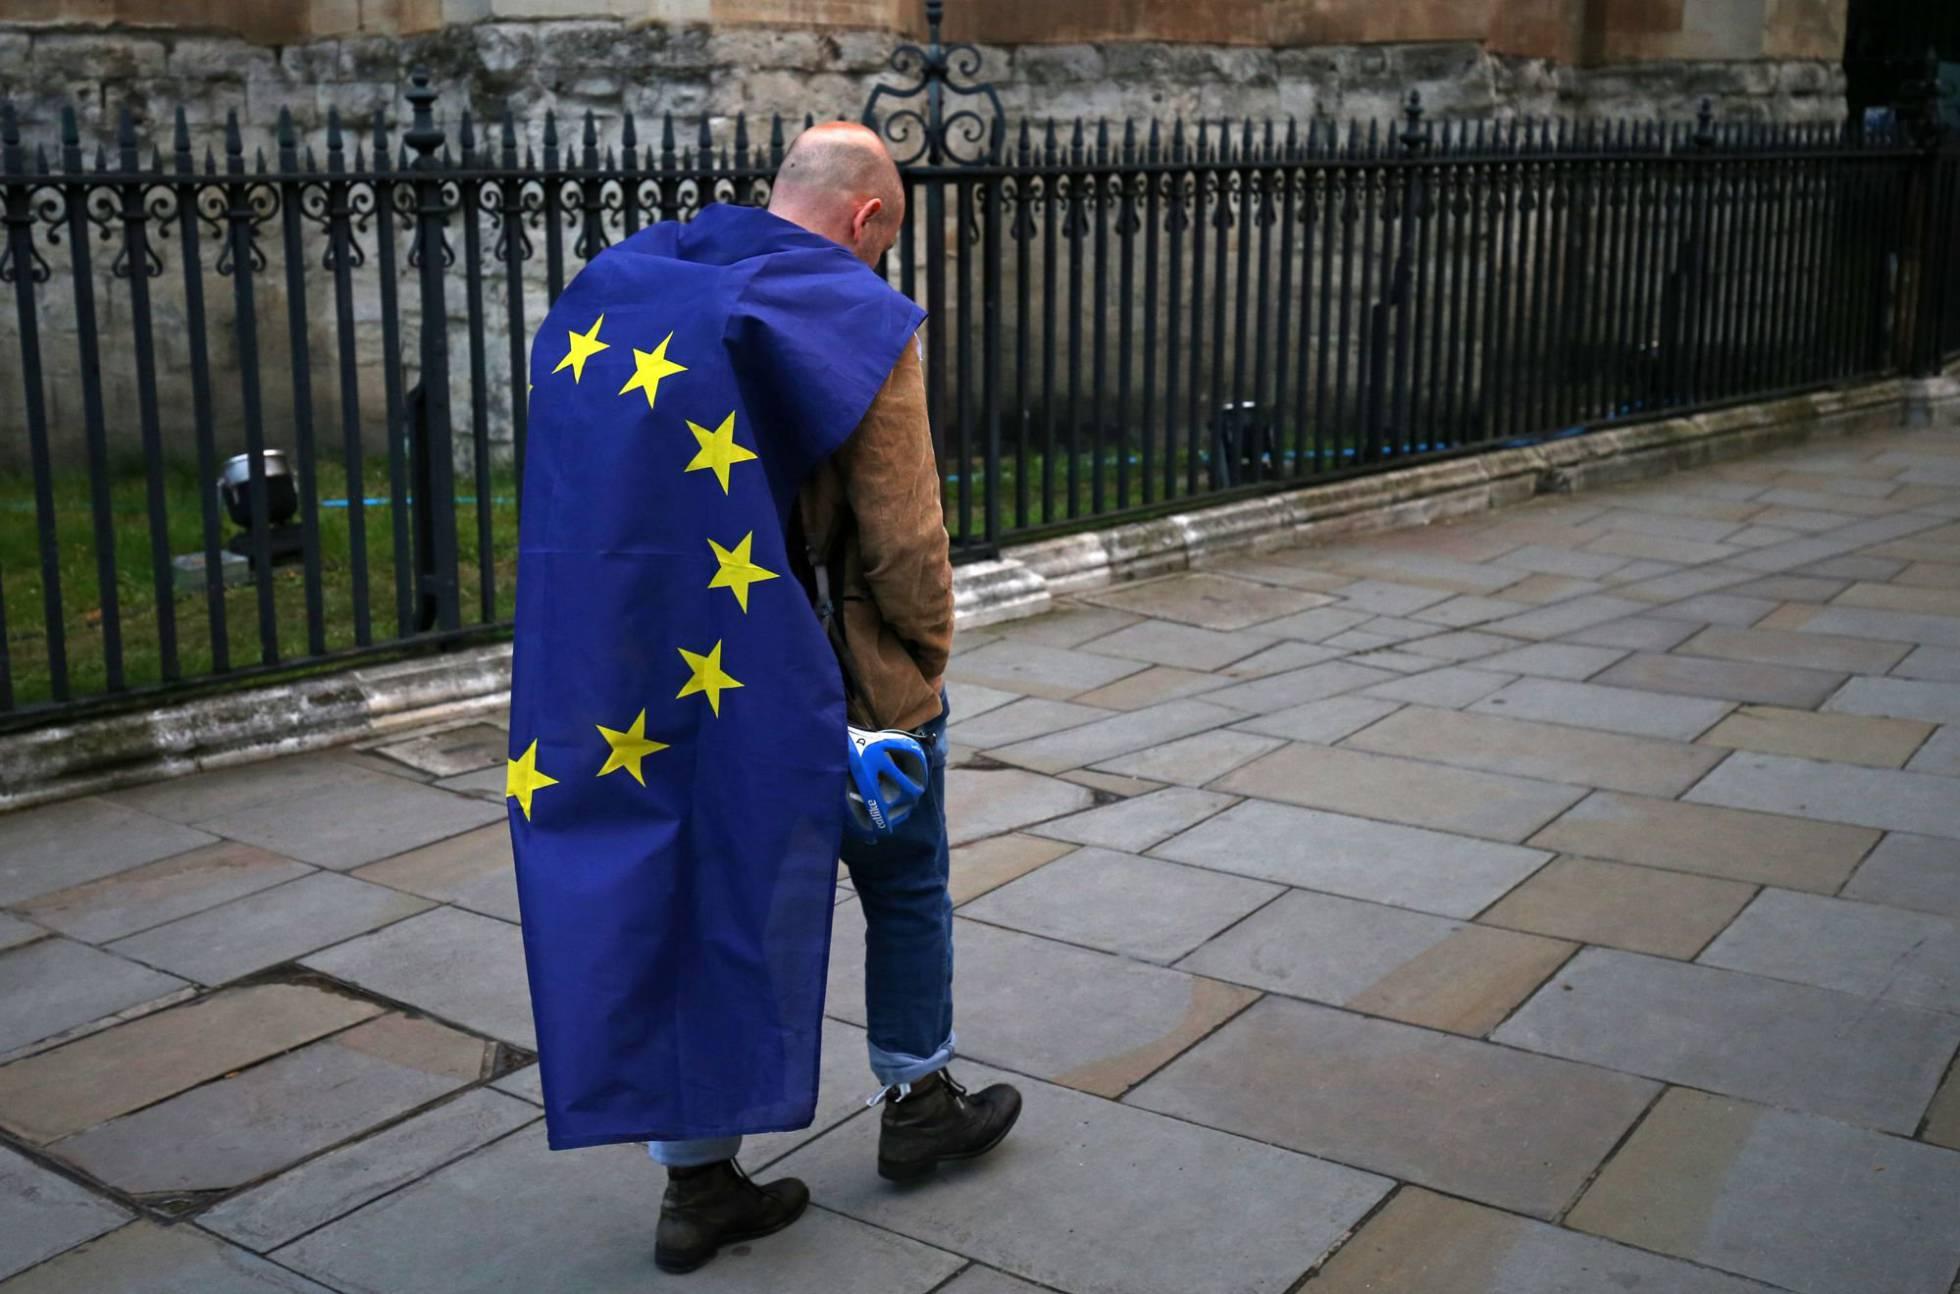 Tambalea la Unión Europea - Página 4 1467291829_906832_1467292040_noticia_normal_recorte1